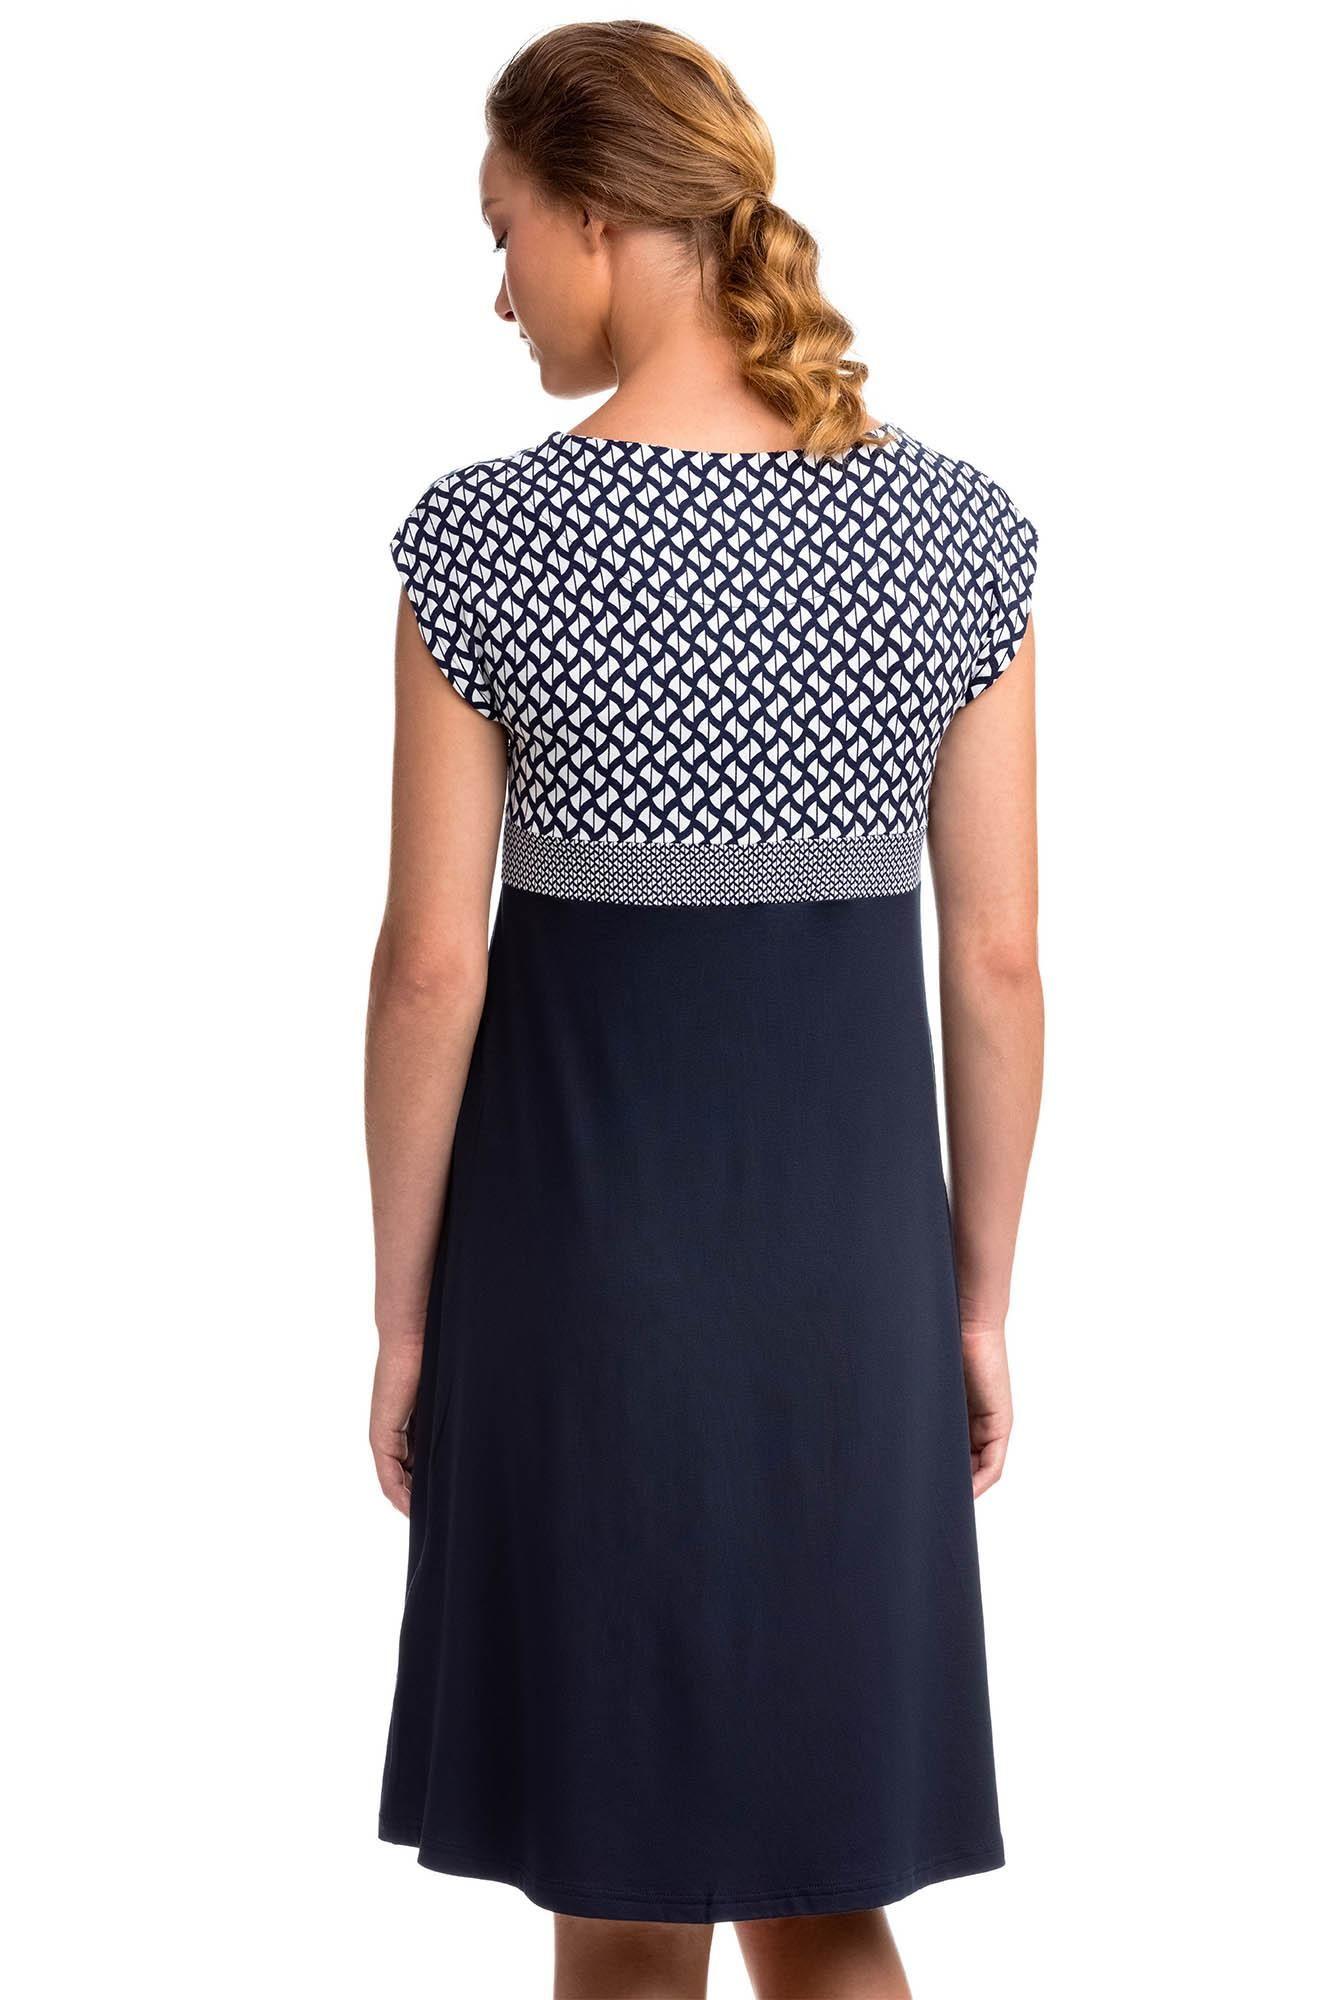 Short Sleeved A-Line Dress